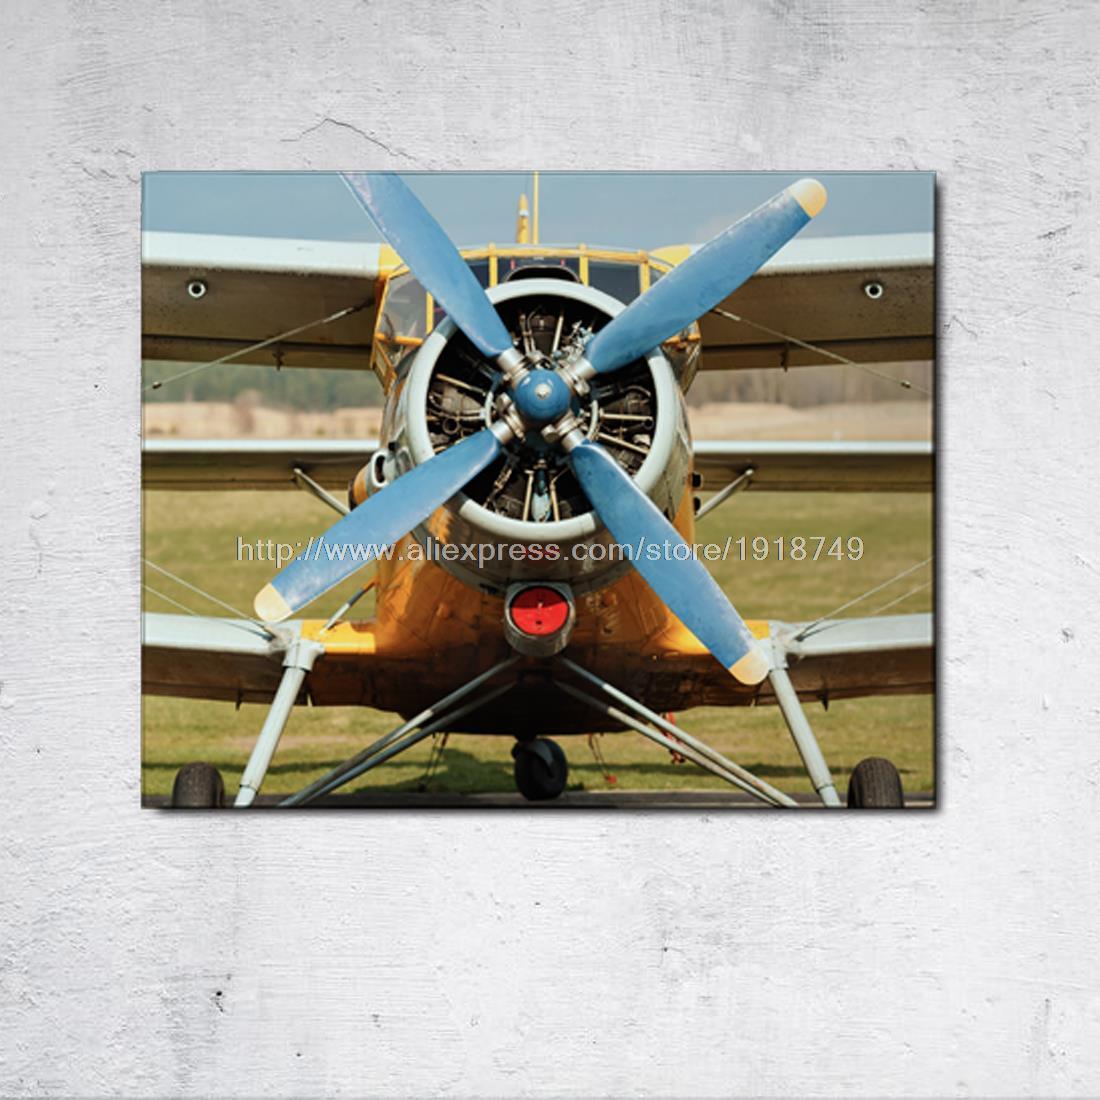 20170417&224421_Canvas Foto Badkamer ~ Helicopter Print HD Muur Foto Landschap Kunst Schilderij Op Canvas